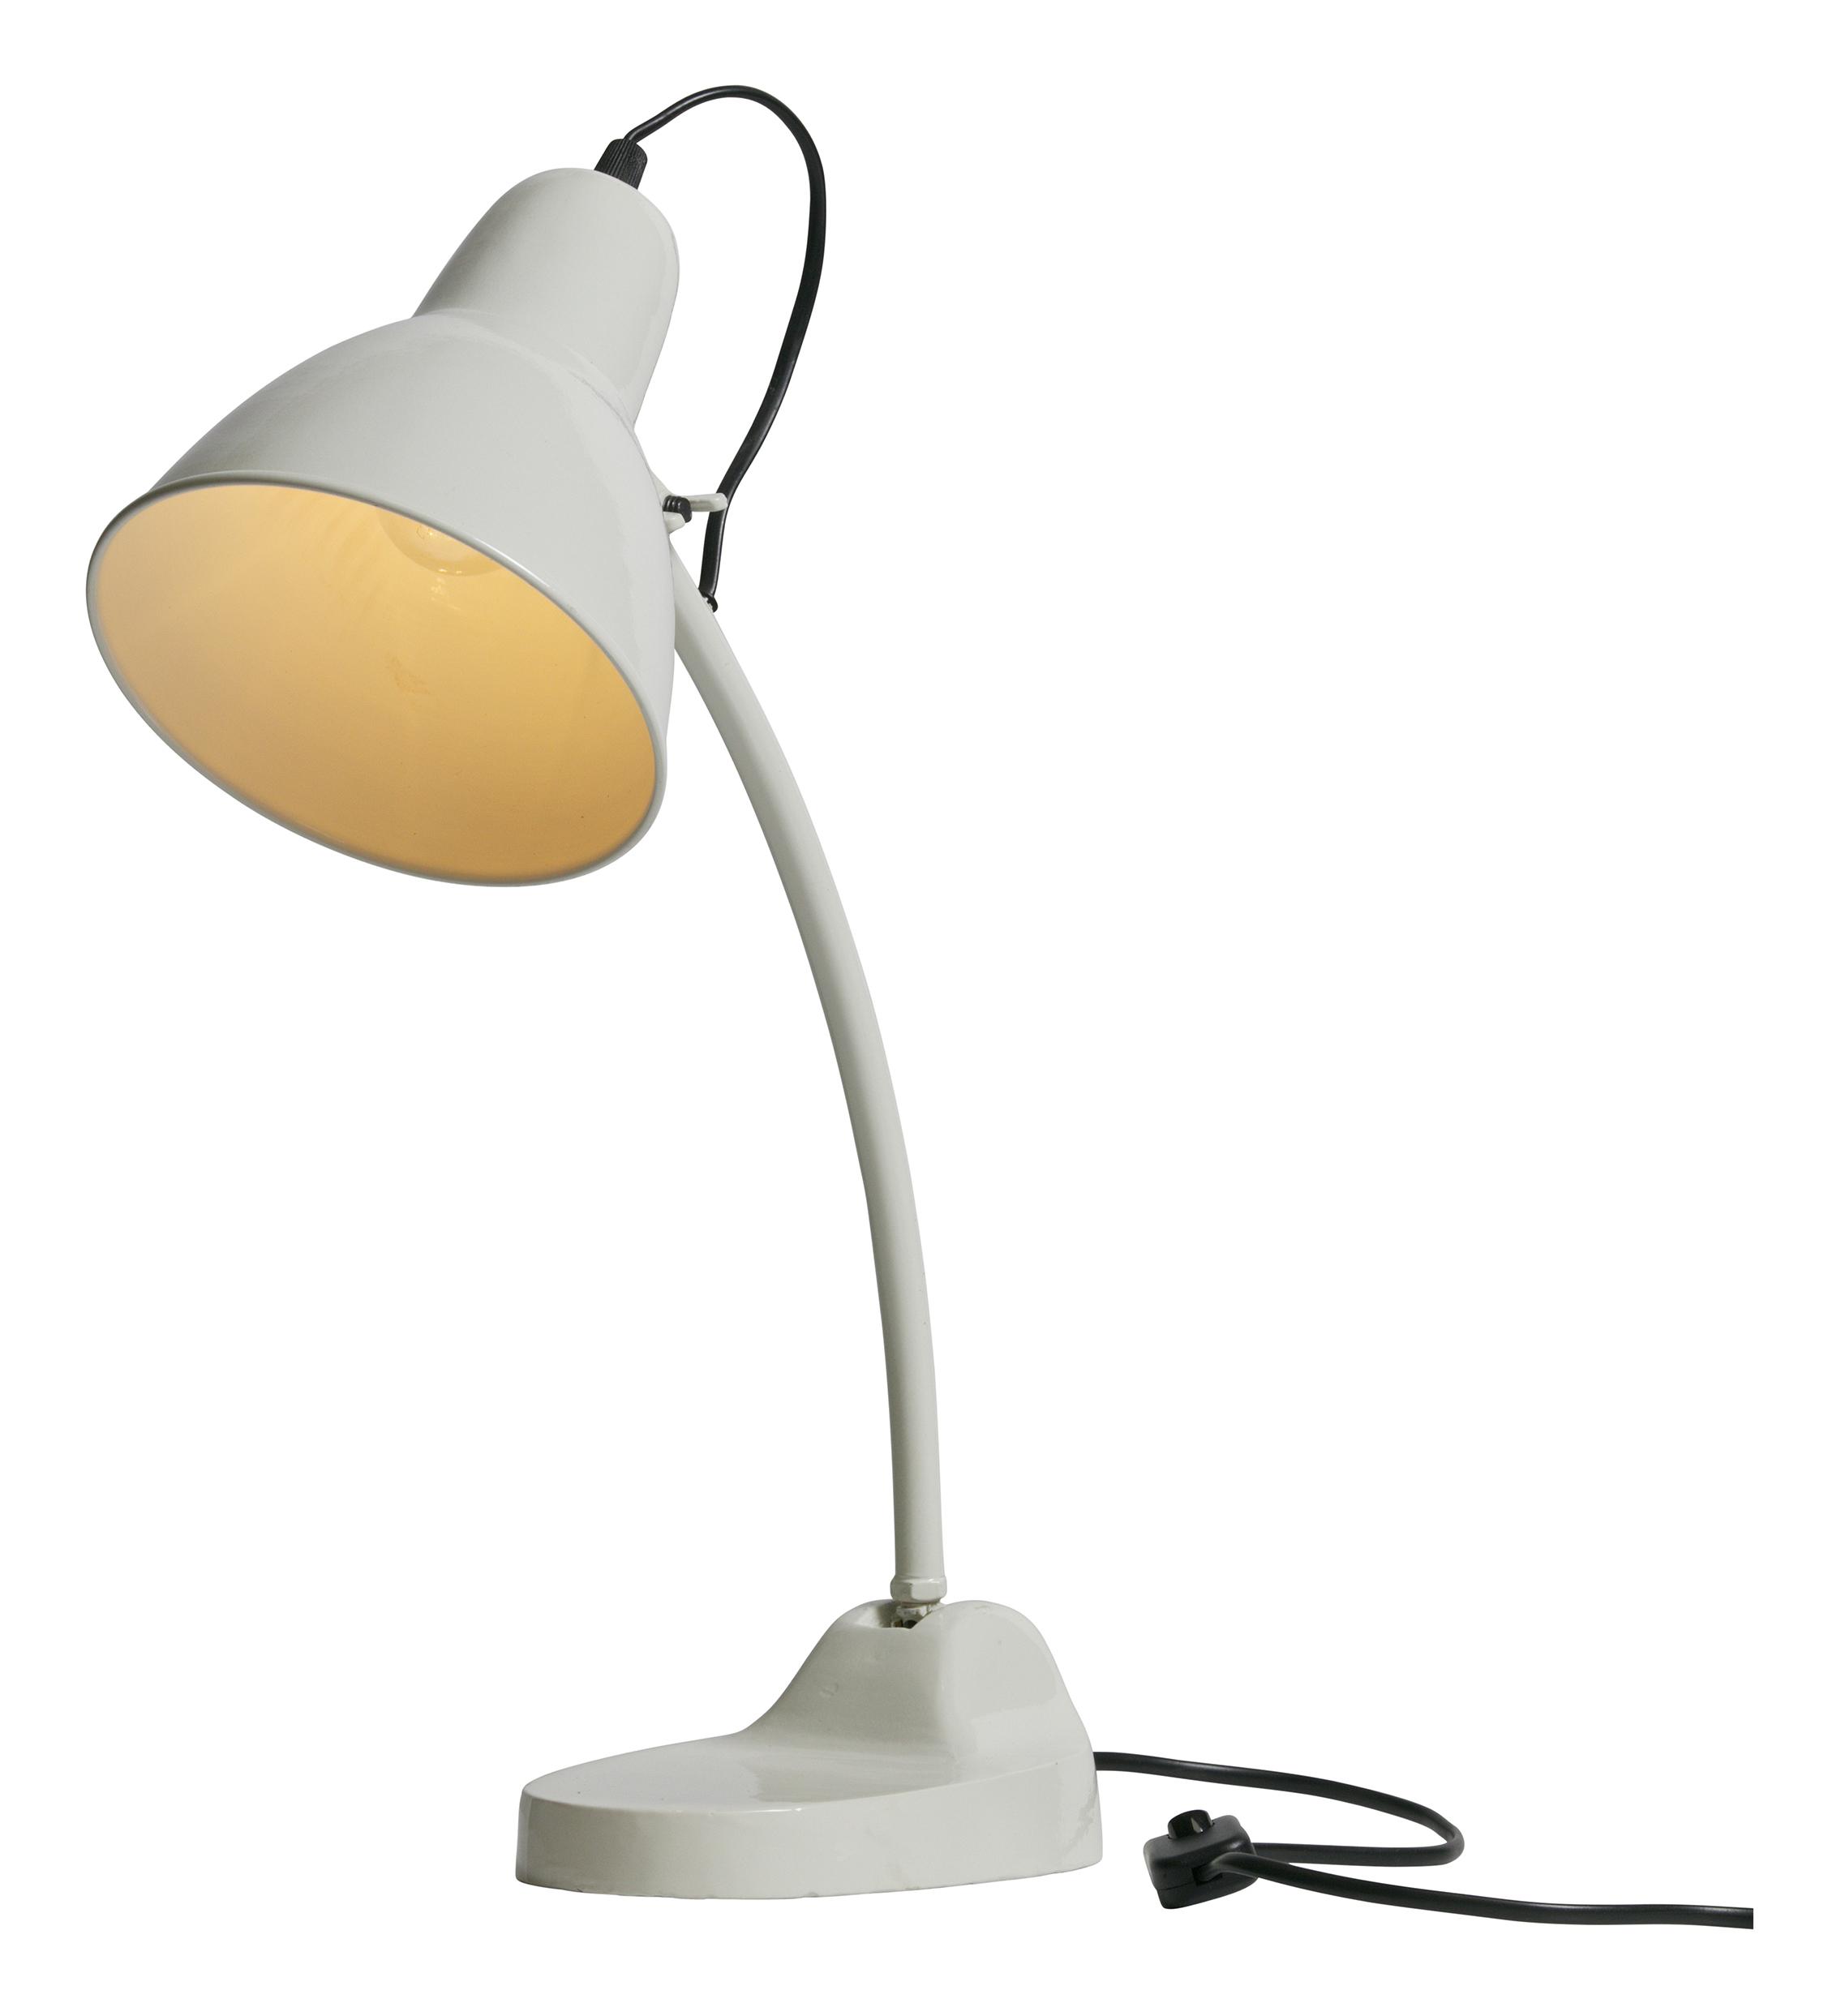 BePureHome Tafellamp 'Masterpiece', kleur Wit Verlichting | Tafellampen kopen